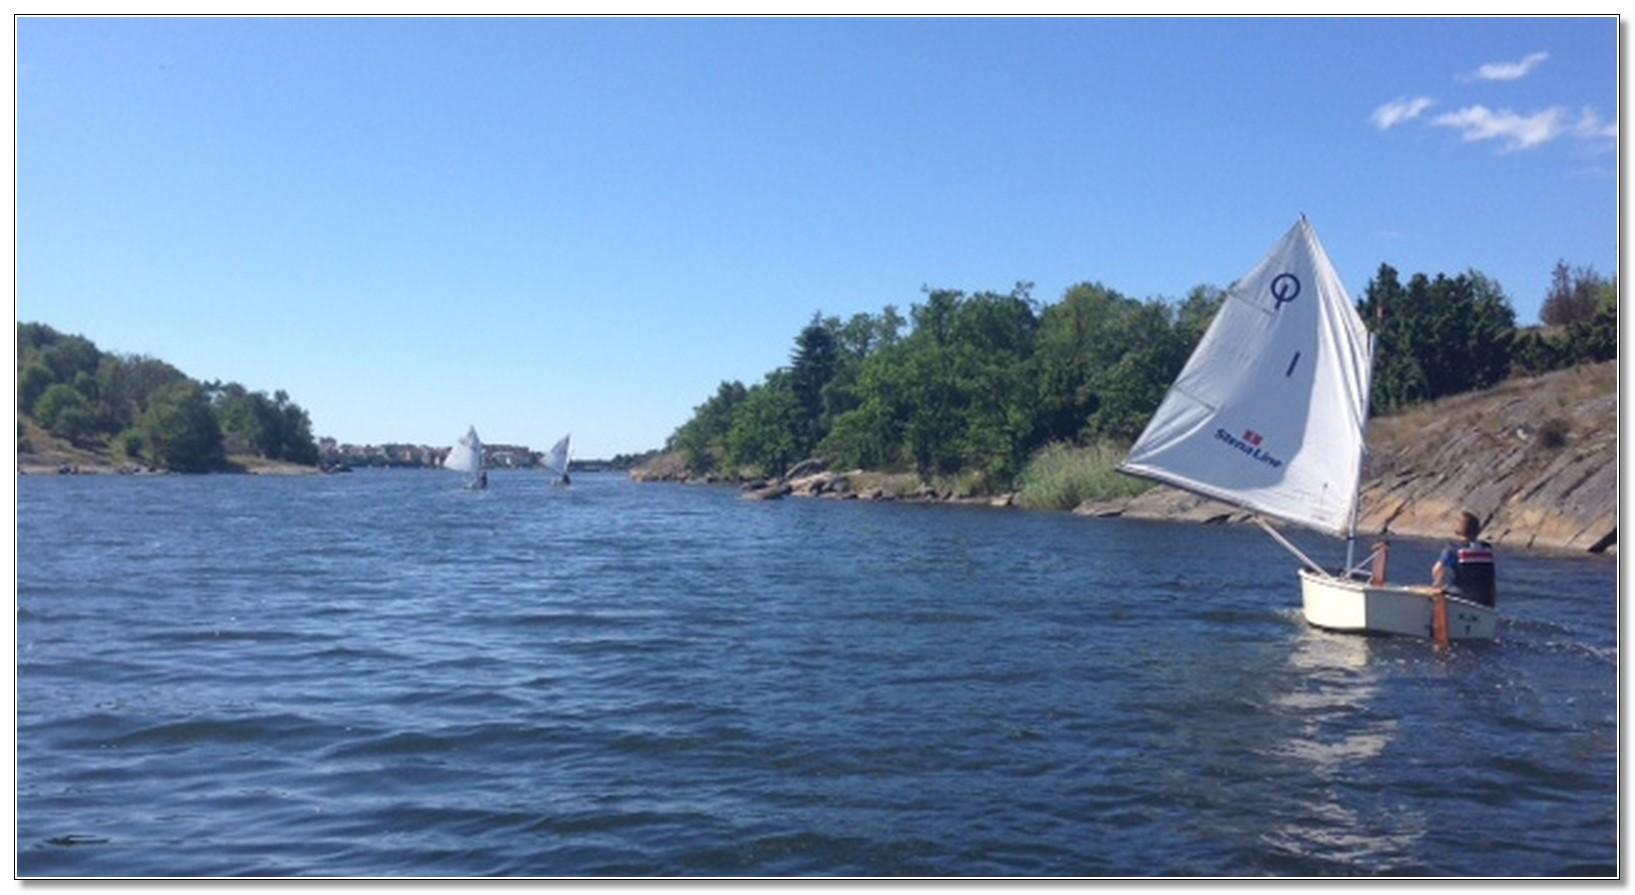 KJK segling 140615